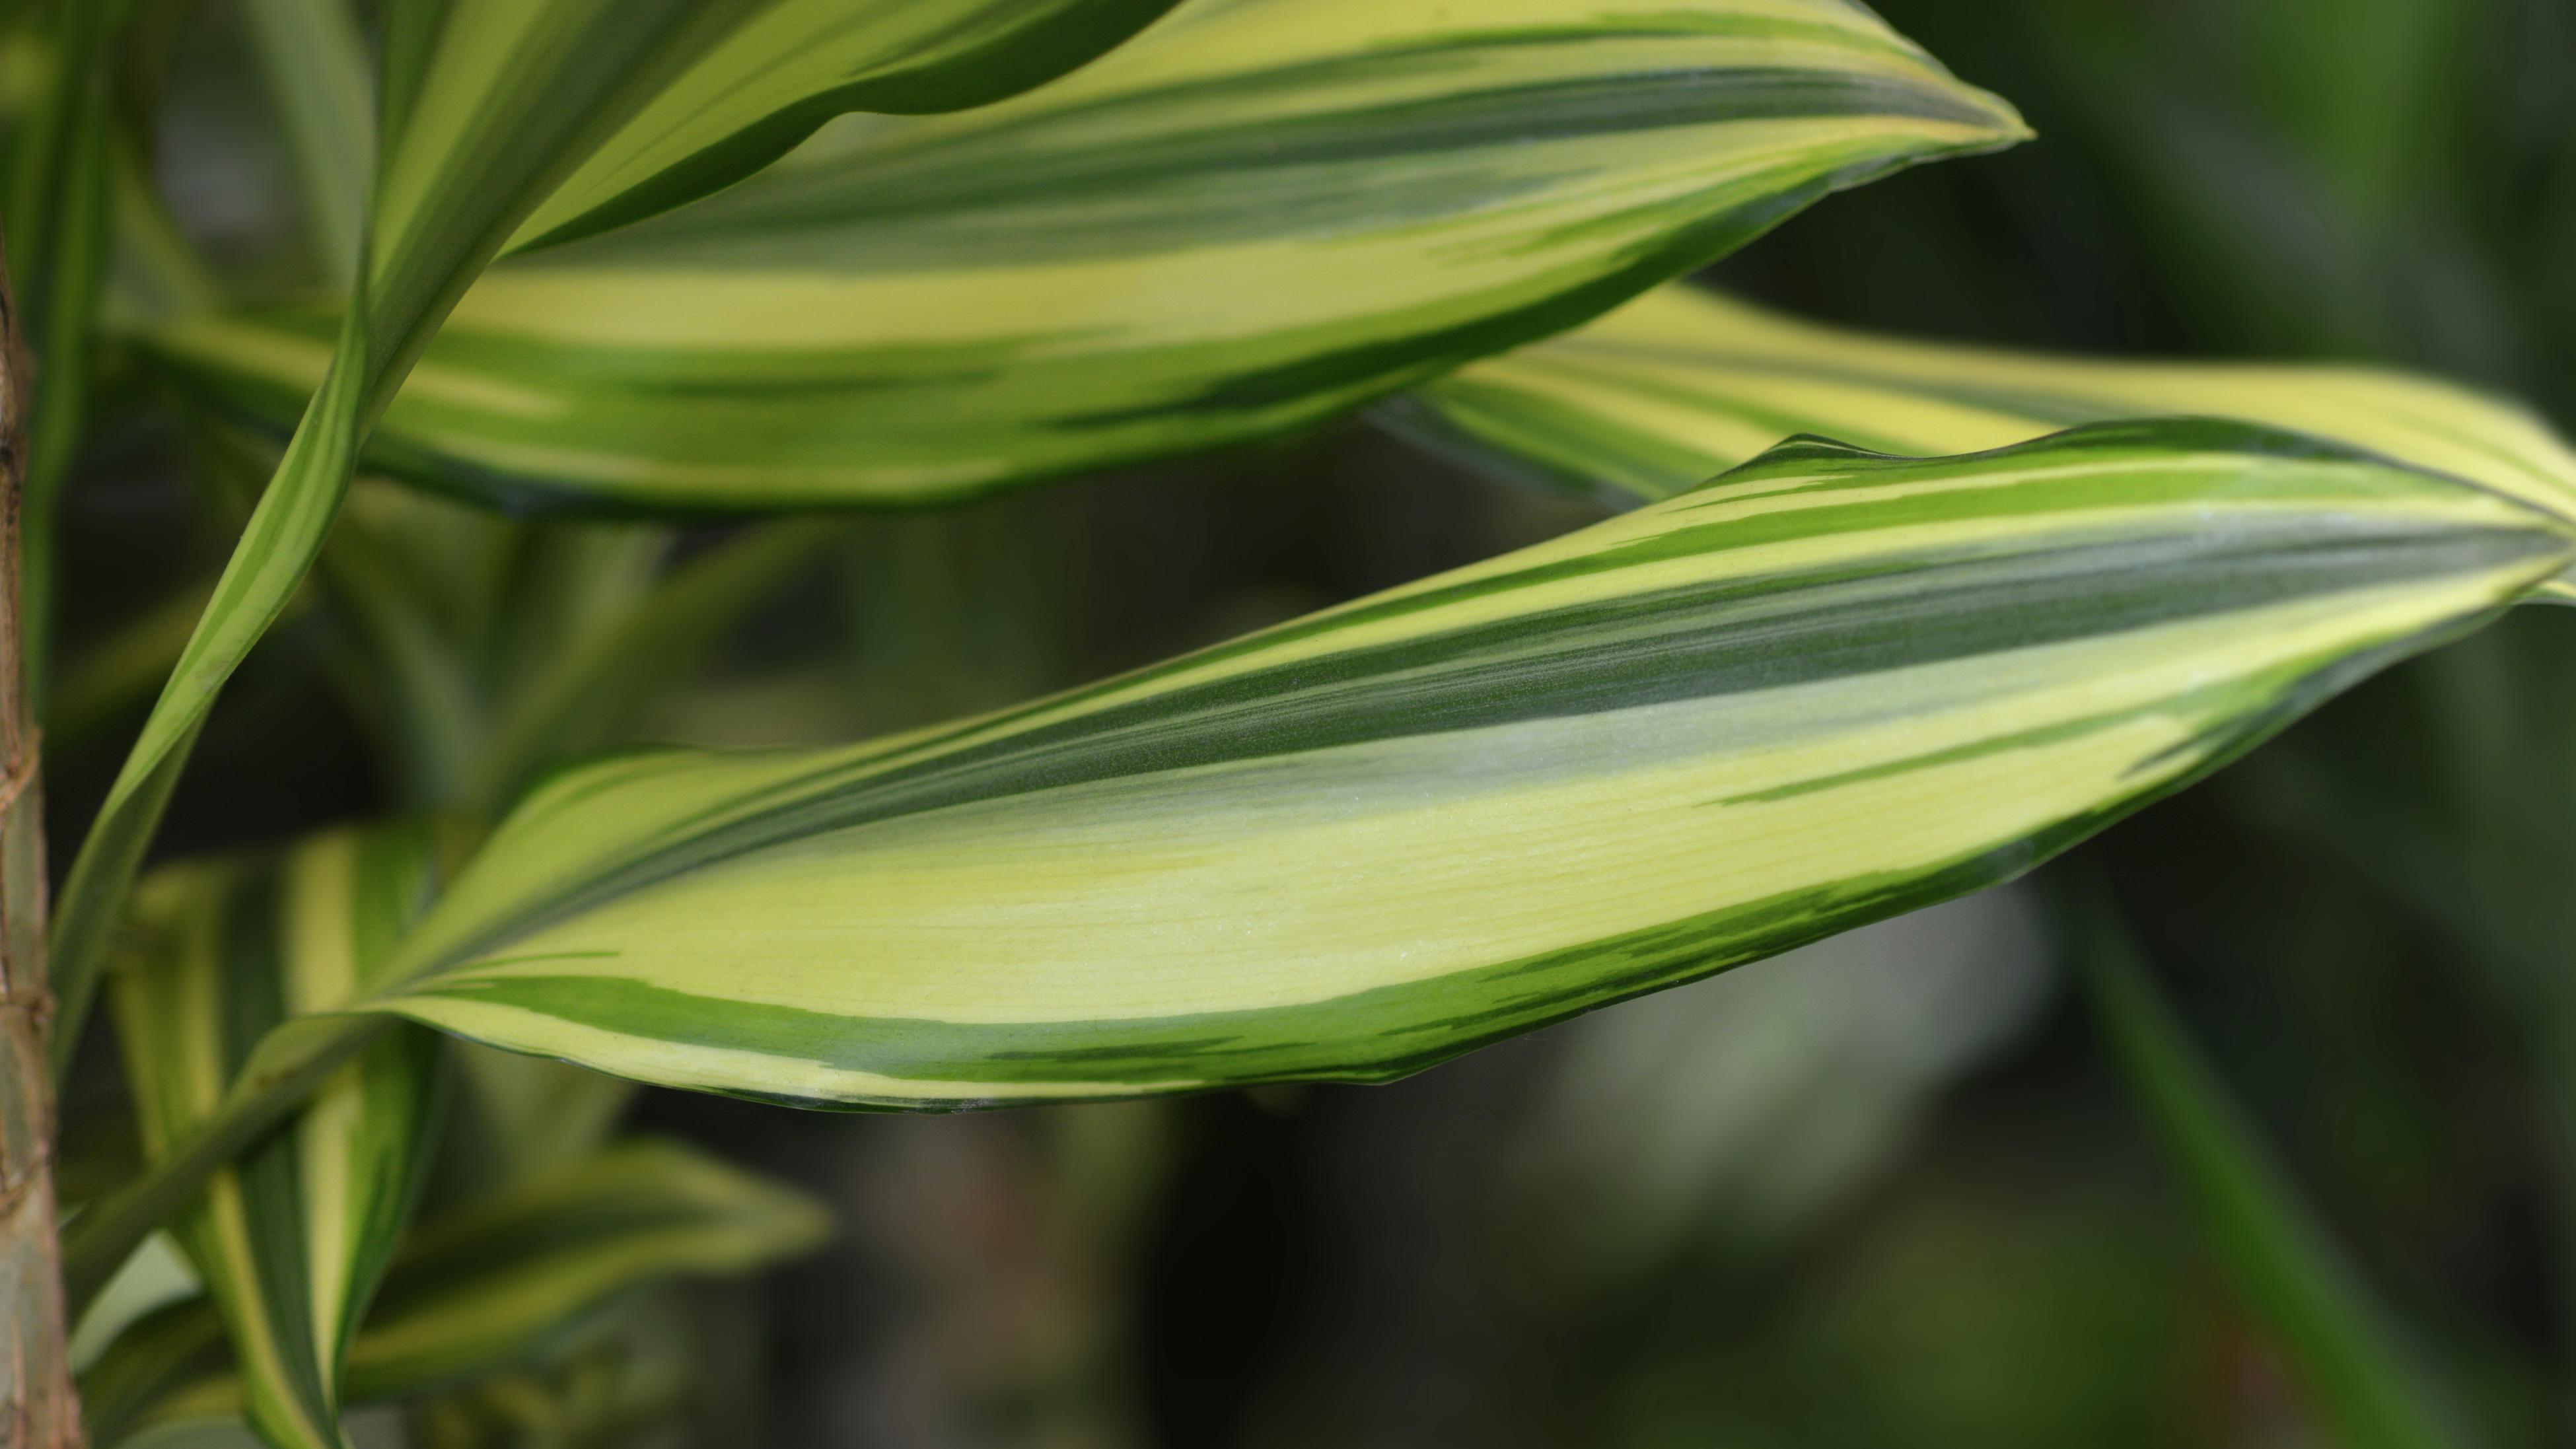 Close up of a dracaena leaf